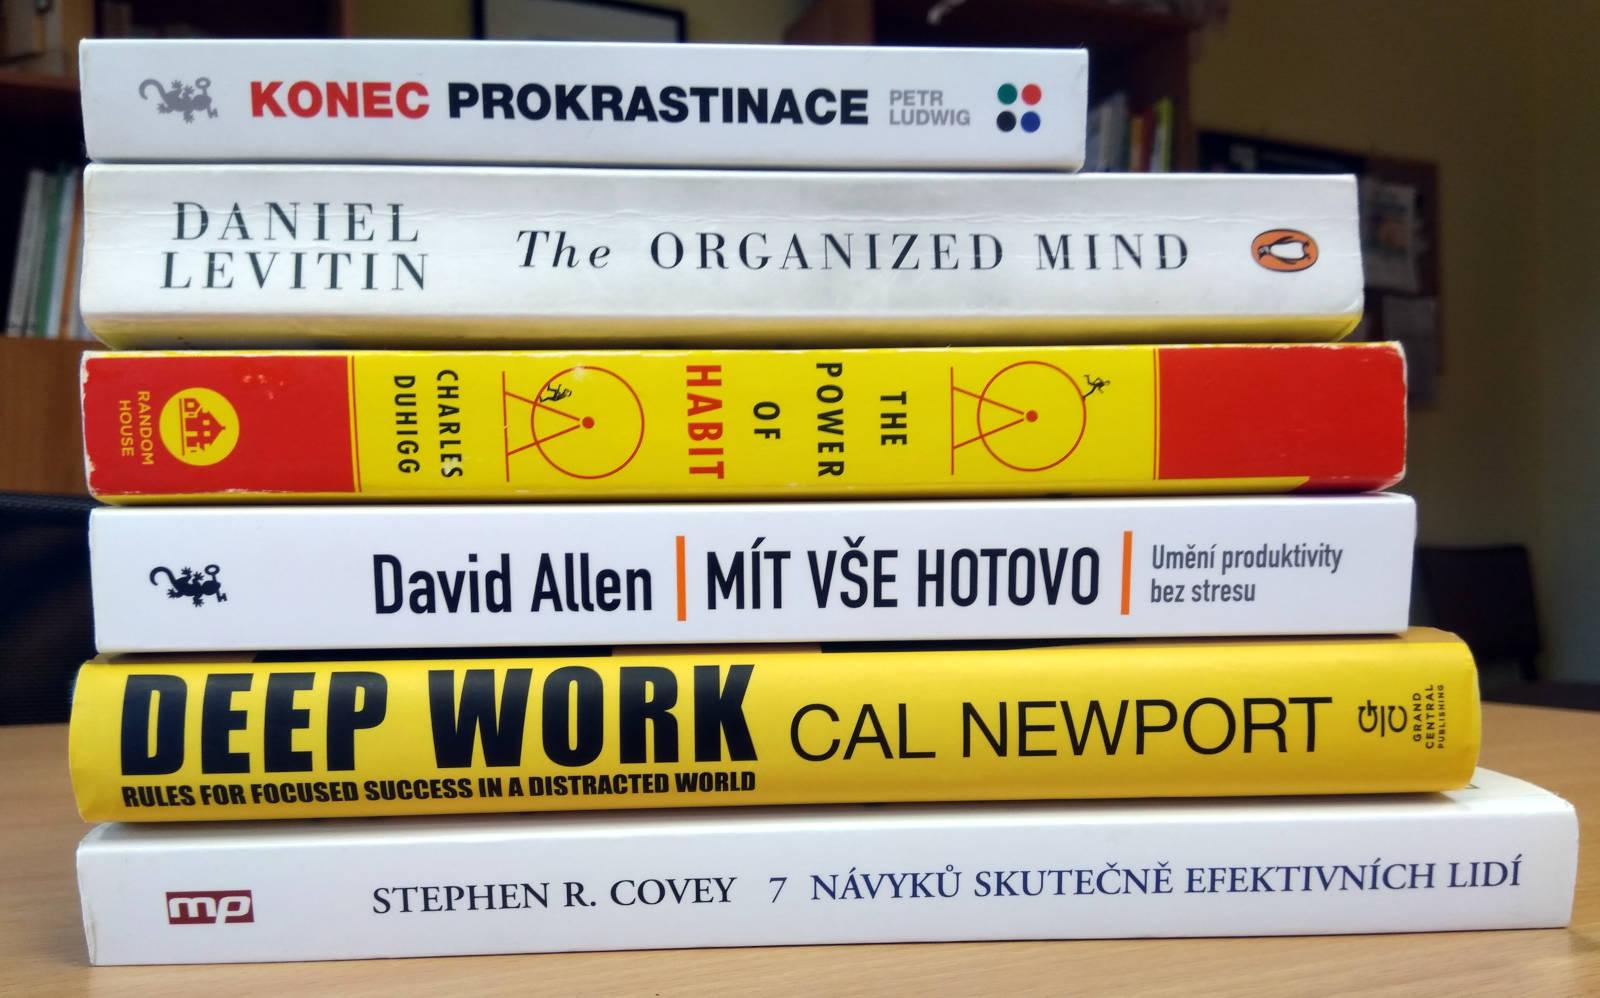 Tohle je výběr knížek z oblasti osobního rozvoje, které opravdu vřele doporučujeme. Až na Organized Mind jsou všechny dostupné v češtině a většina i jako e- či audioknihy.